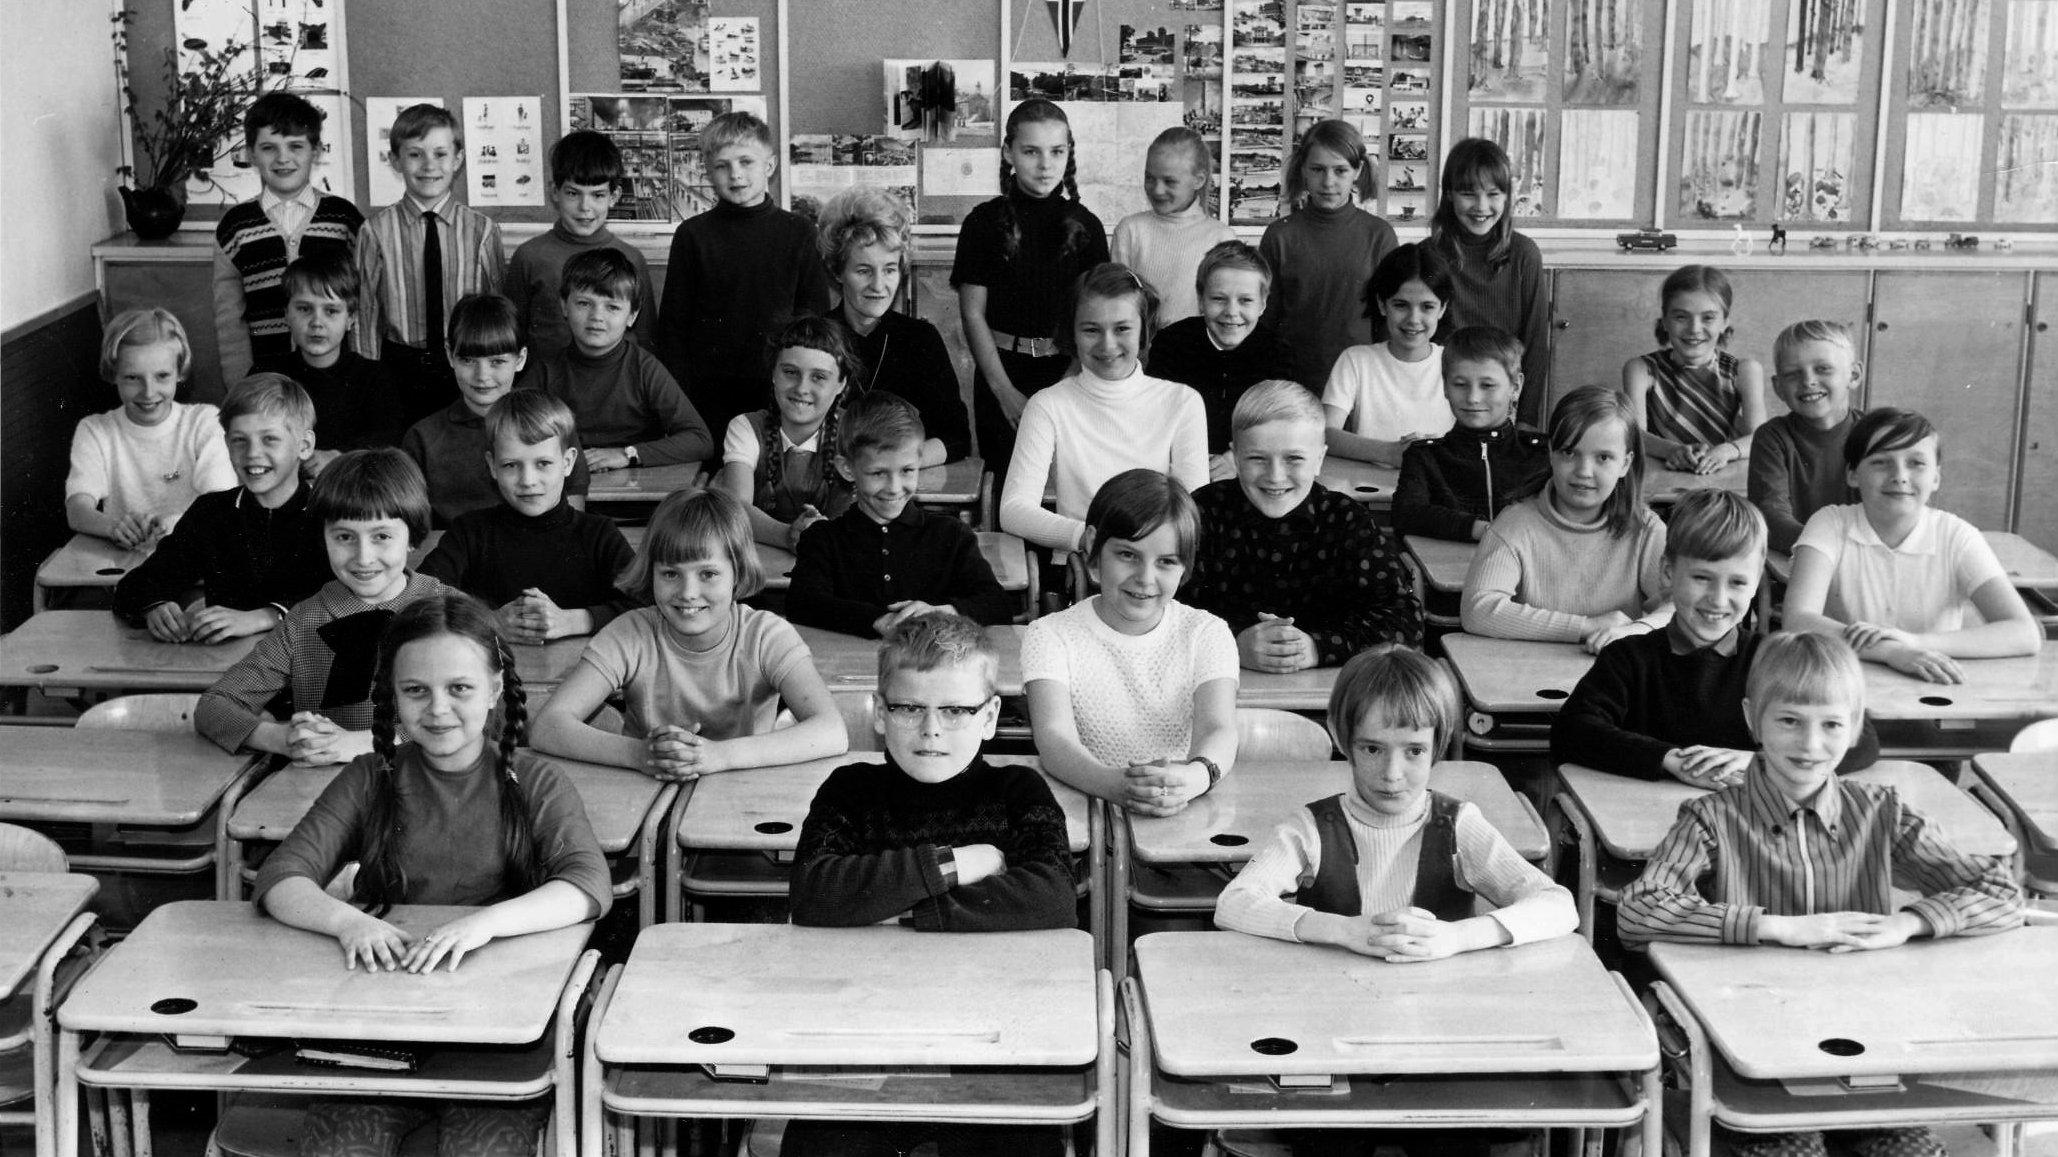 Classroom: 1968, Turku, Finland.